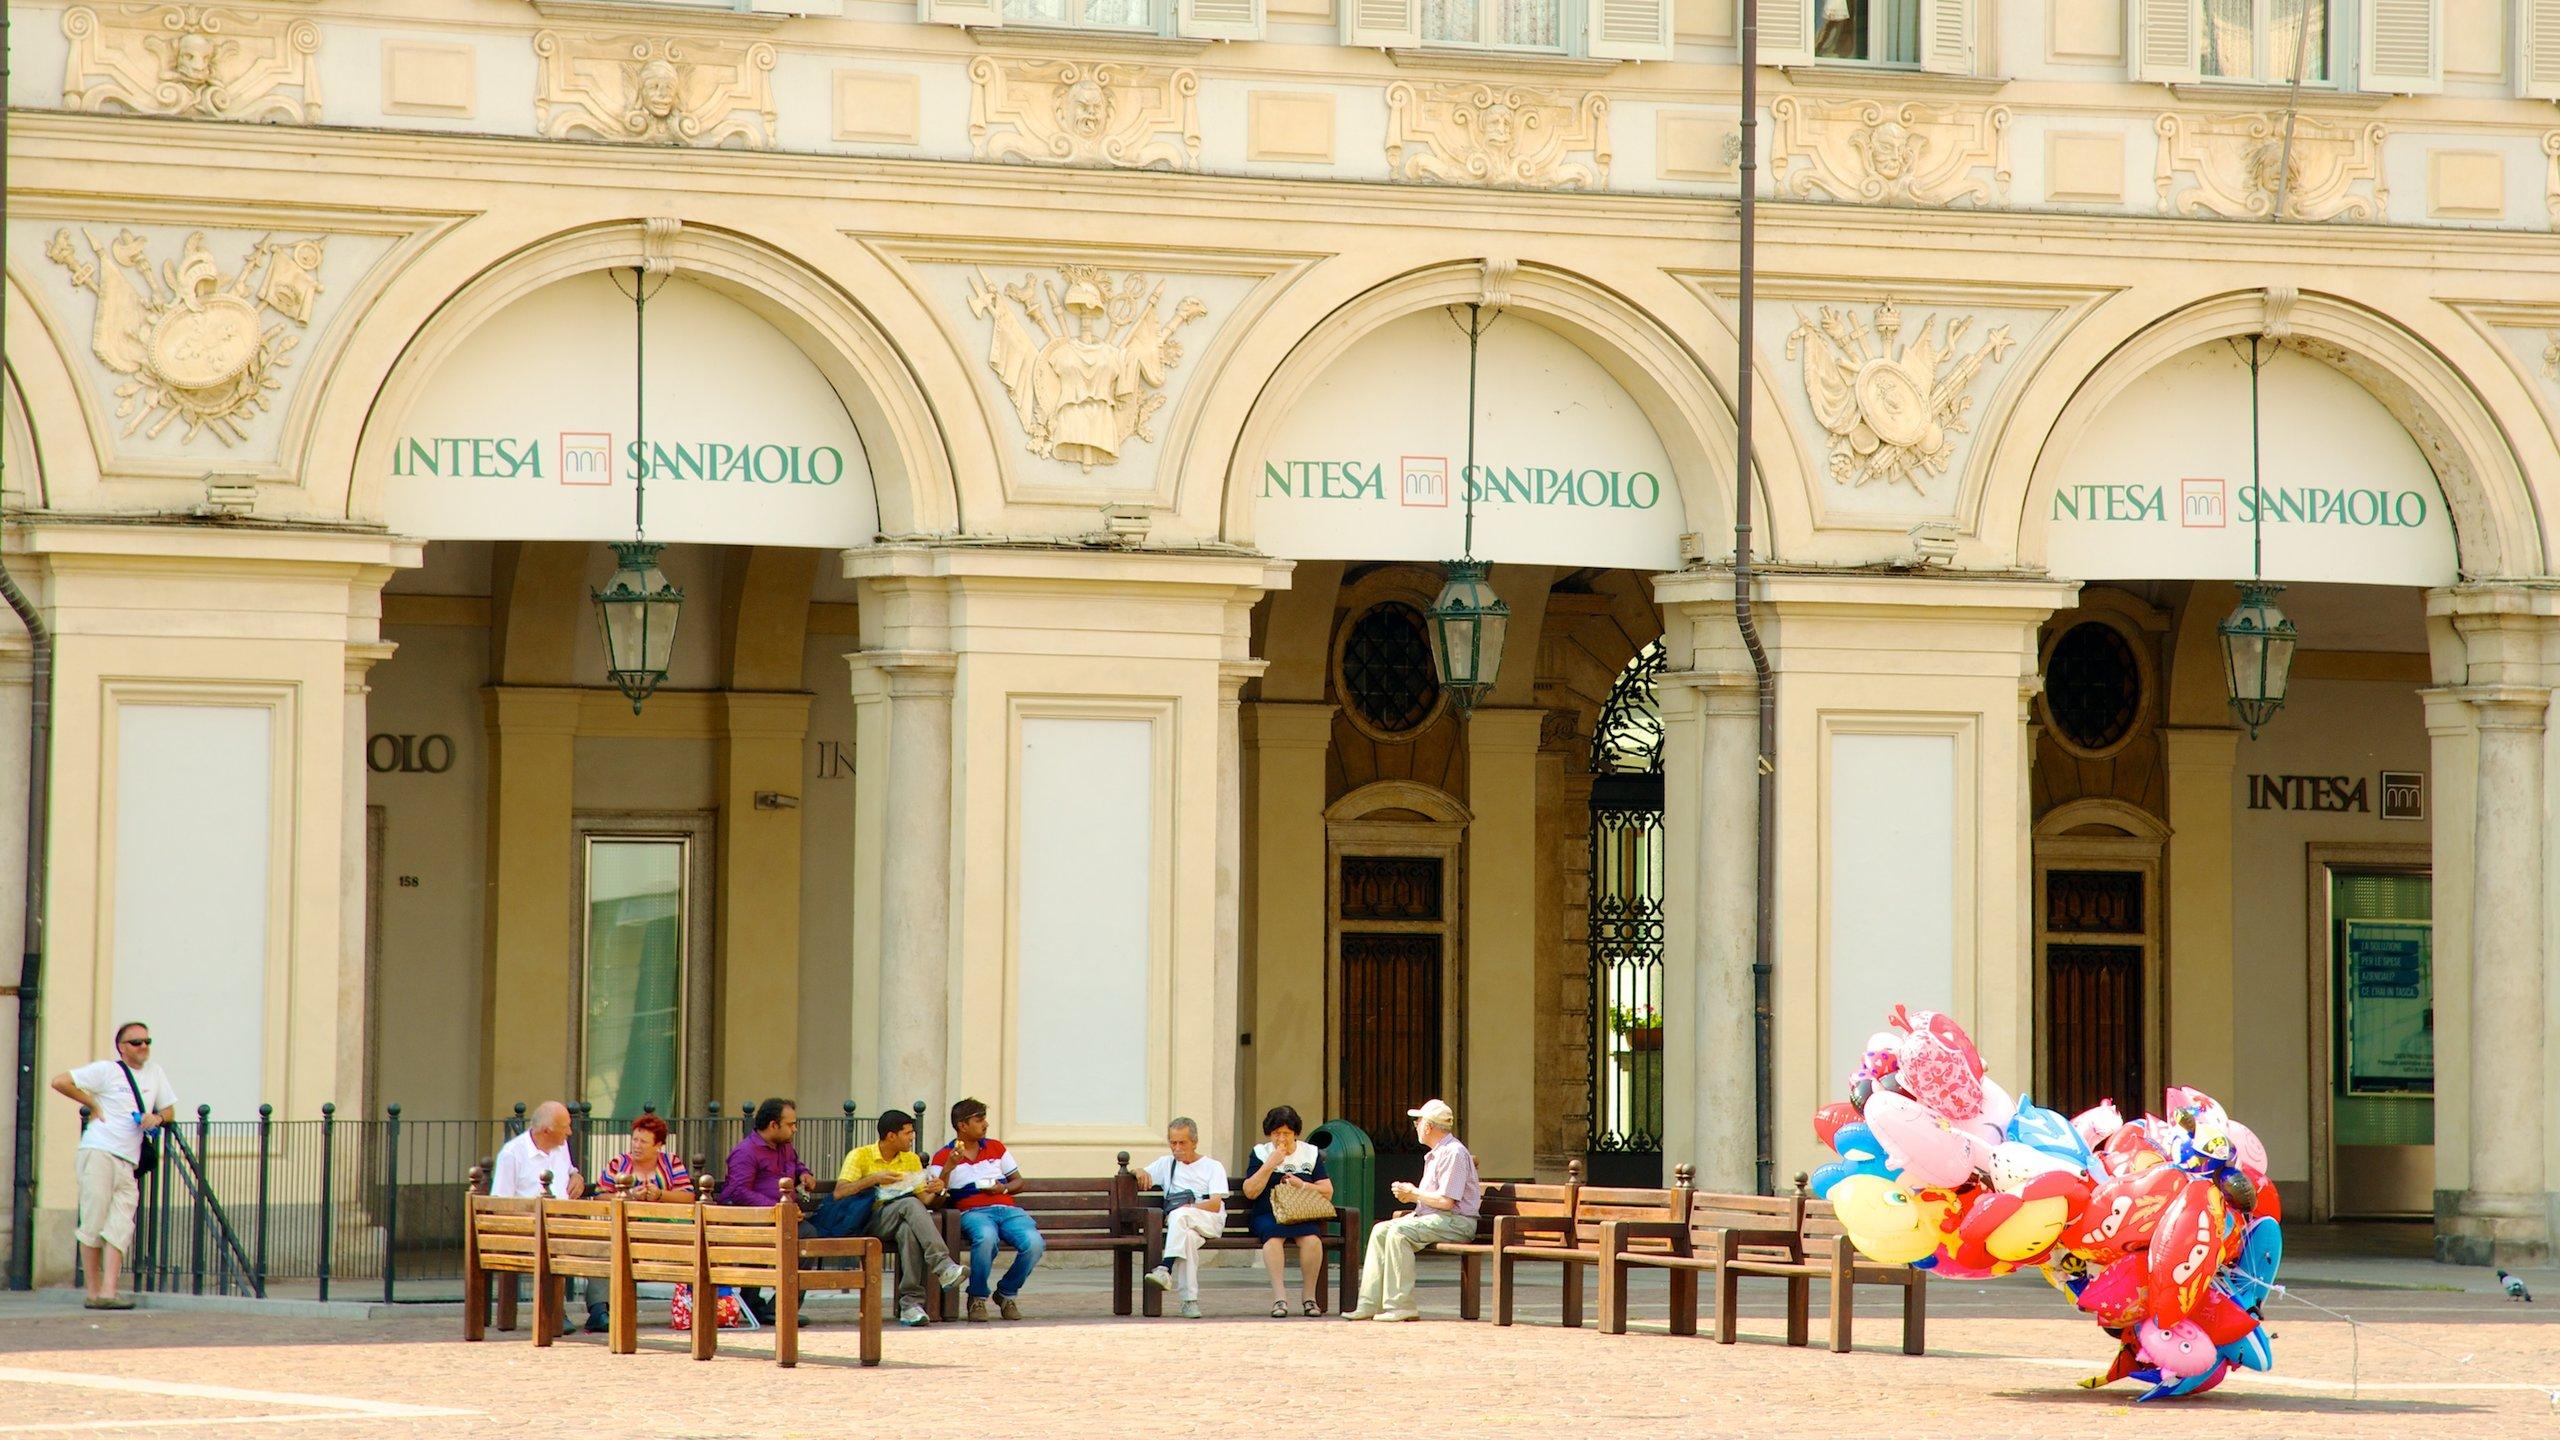 Piazza San Carlo er en av de mest berømte piazzaene i Torino og kjent for kafeer, shopping, arkitektur og de to tvillingkirkene som vokter inngangen.